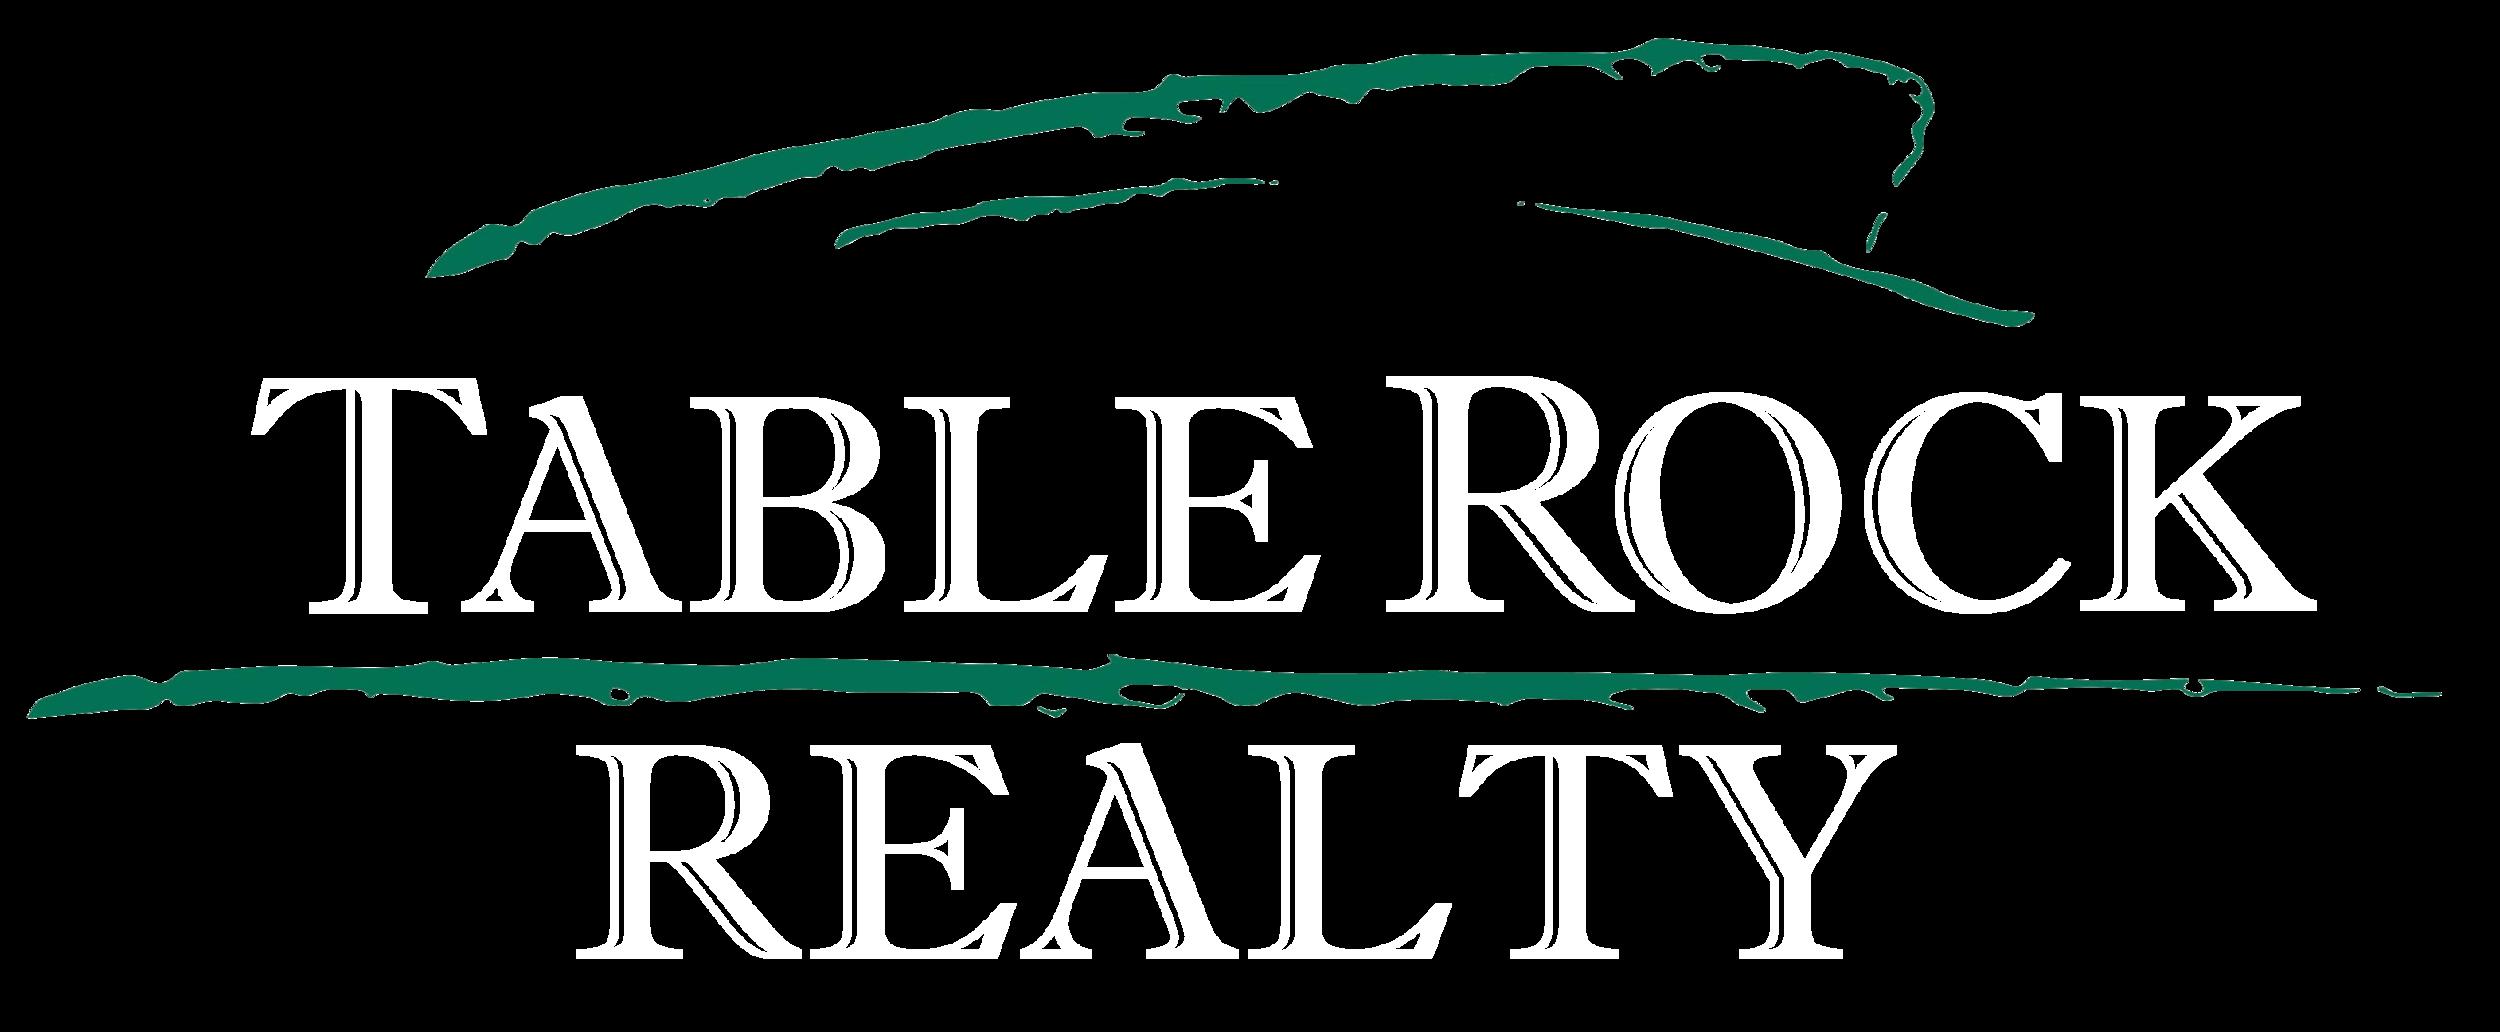 trr-logo-2.png